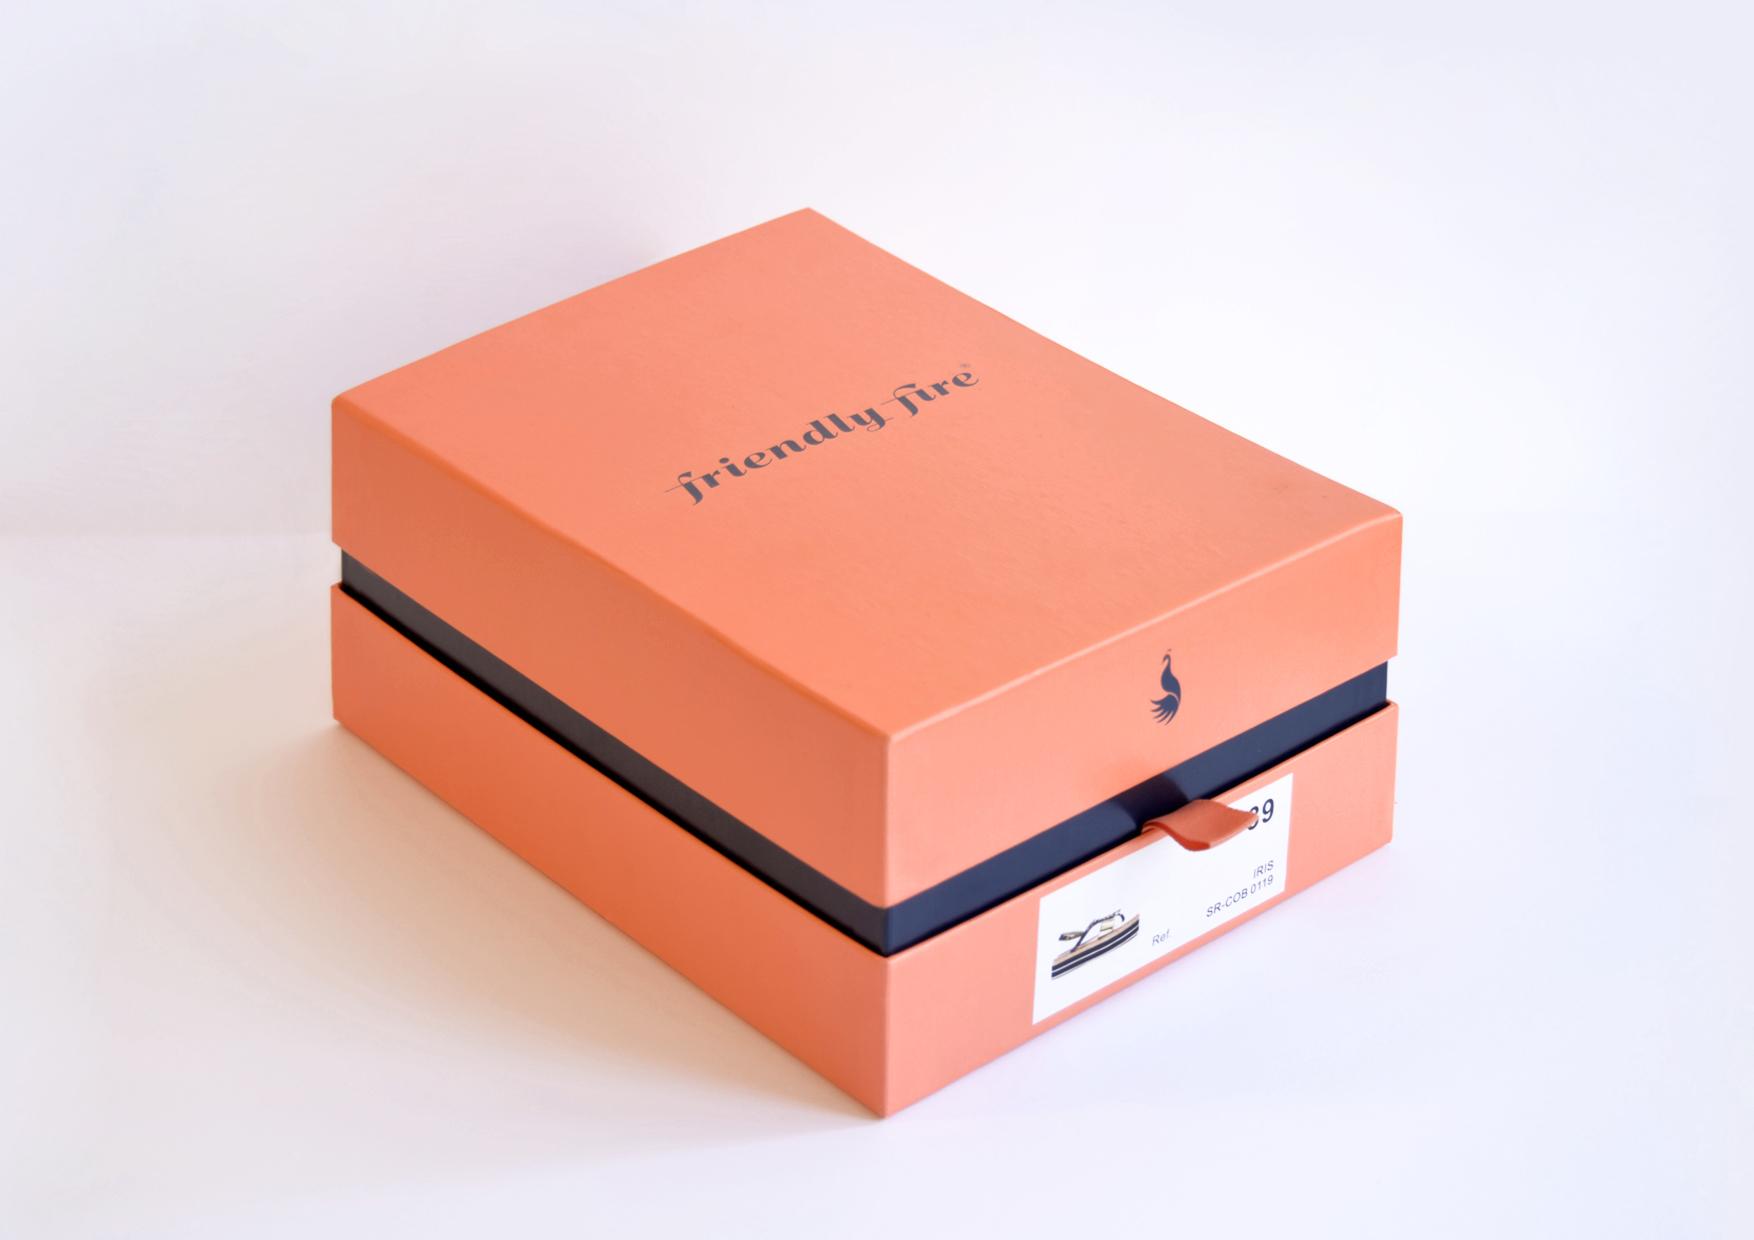 caixa_fashion-makers-friendlyfireshoes.jpg